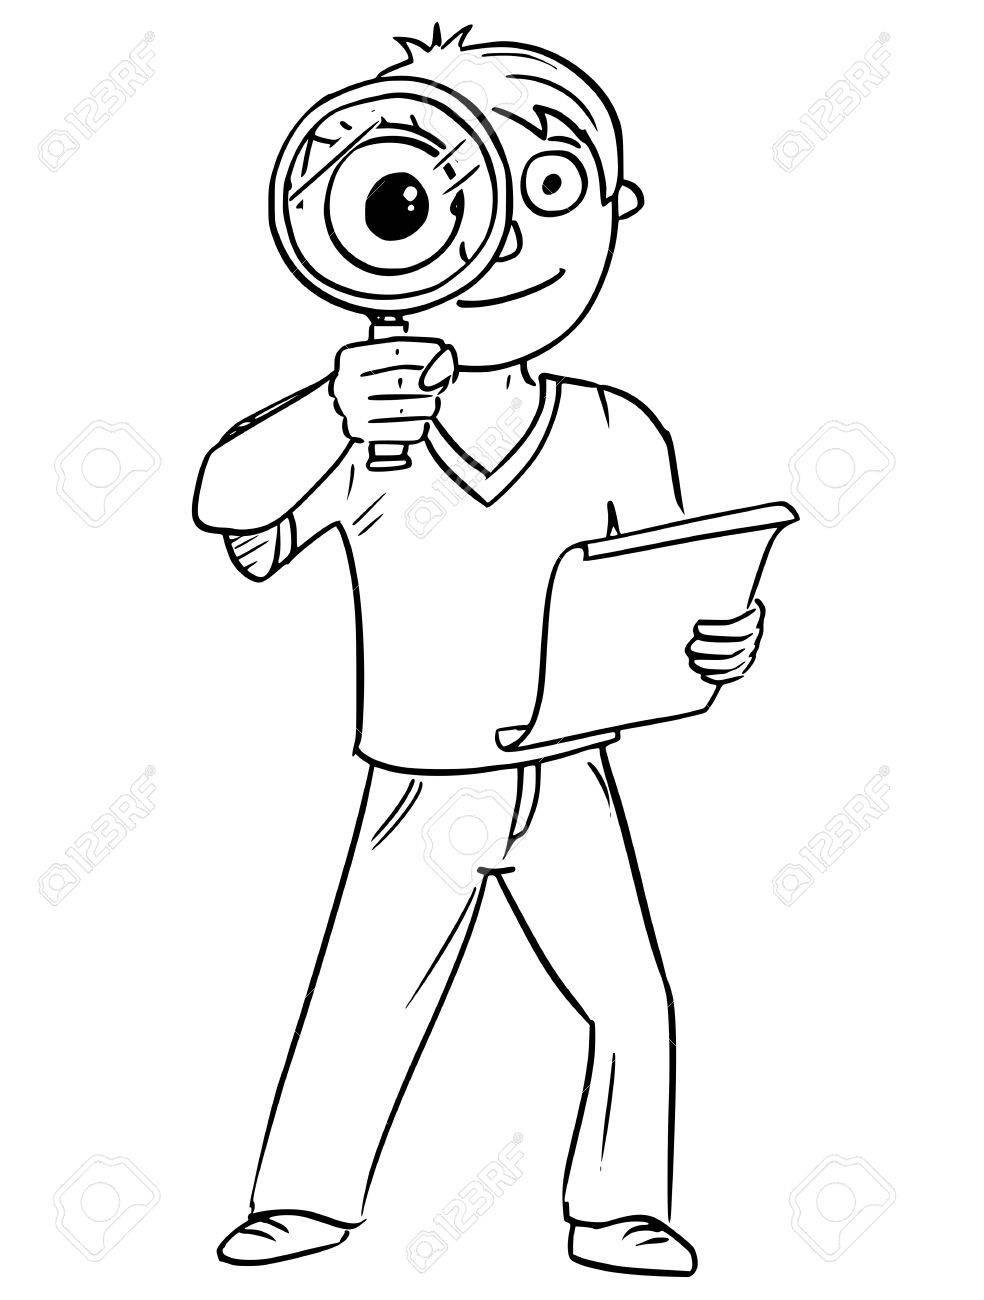 Ilustracion De Vector De Dibujo A Mano De Dibujos Animados De Nino Con Lupa De Mano Y Trozo De Papel Dibujos Animados Dibujos Manos Dibujo